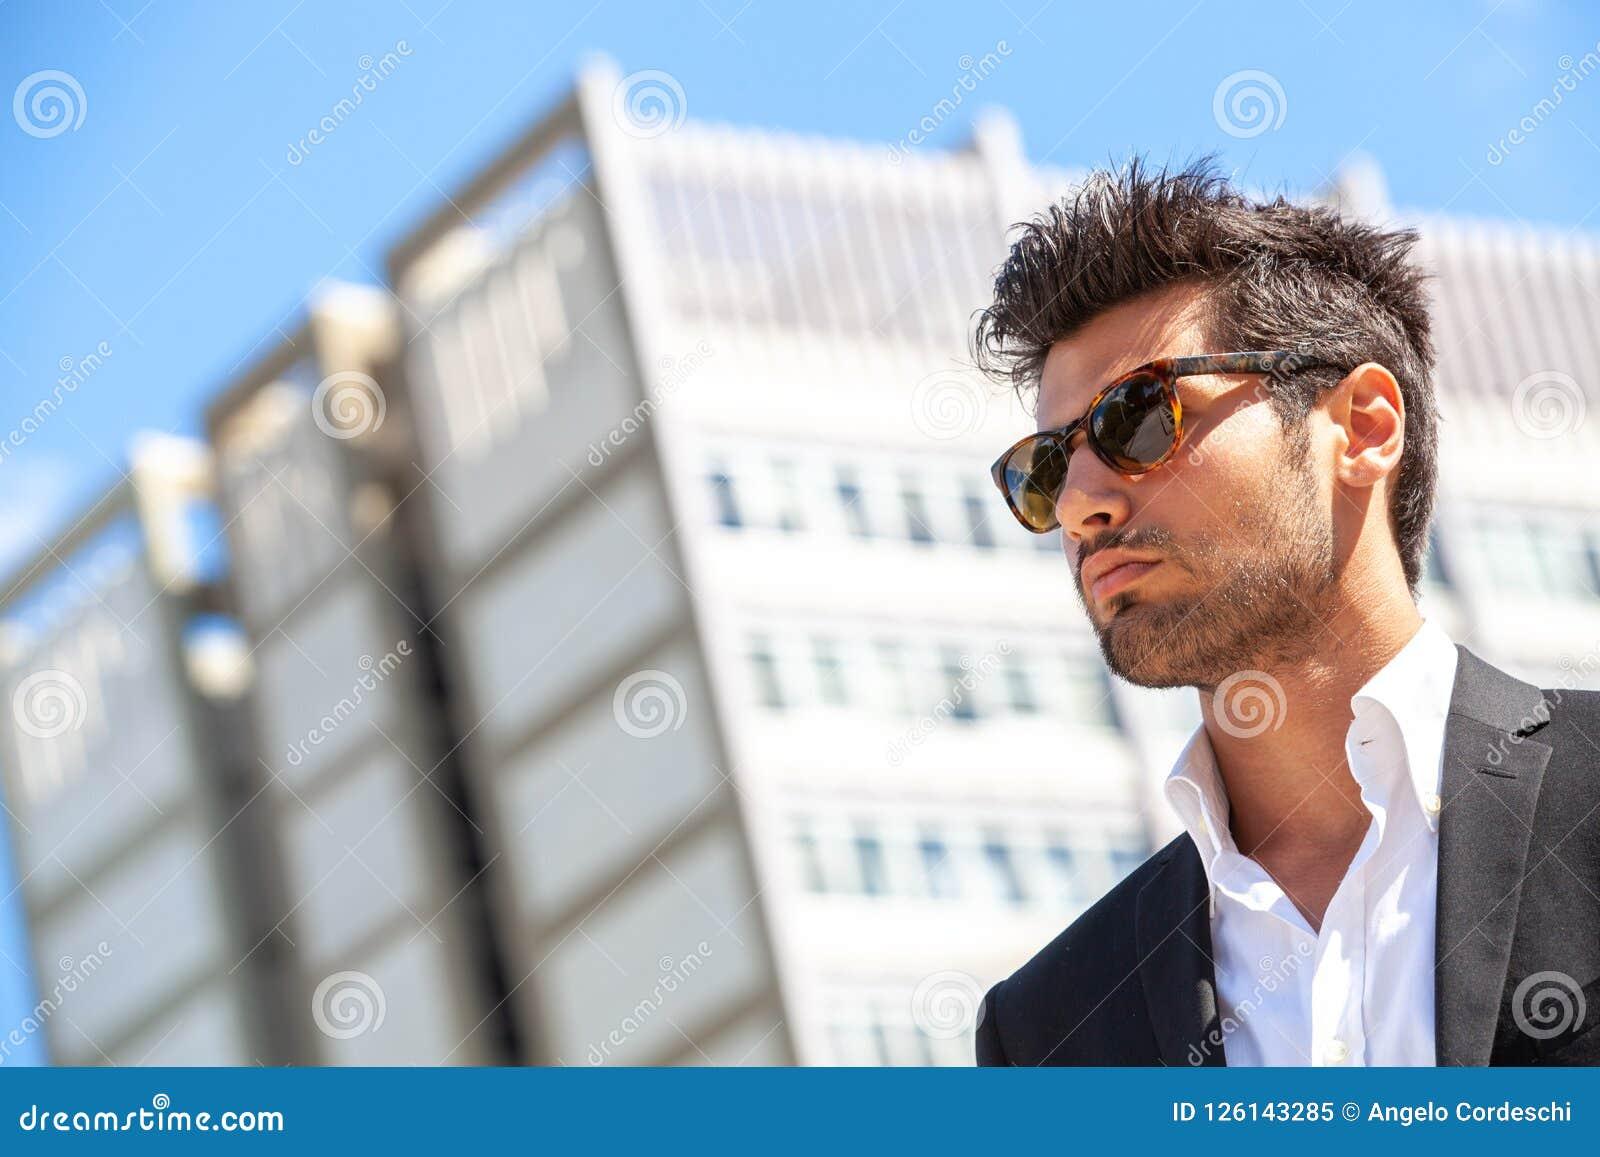 21c6d04c137c Όμορφος επιχειρηματίας με τα γυαλιά ηλίου Στοκ Εικόνα - εικόνα από ...